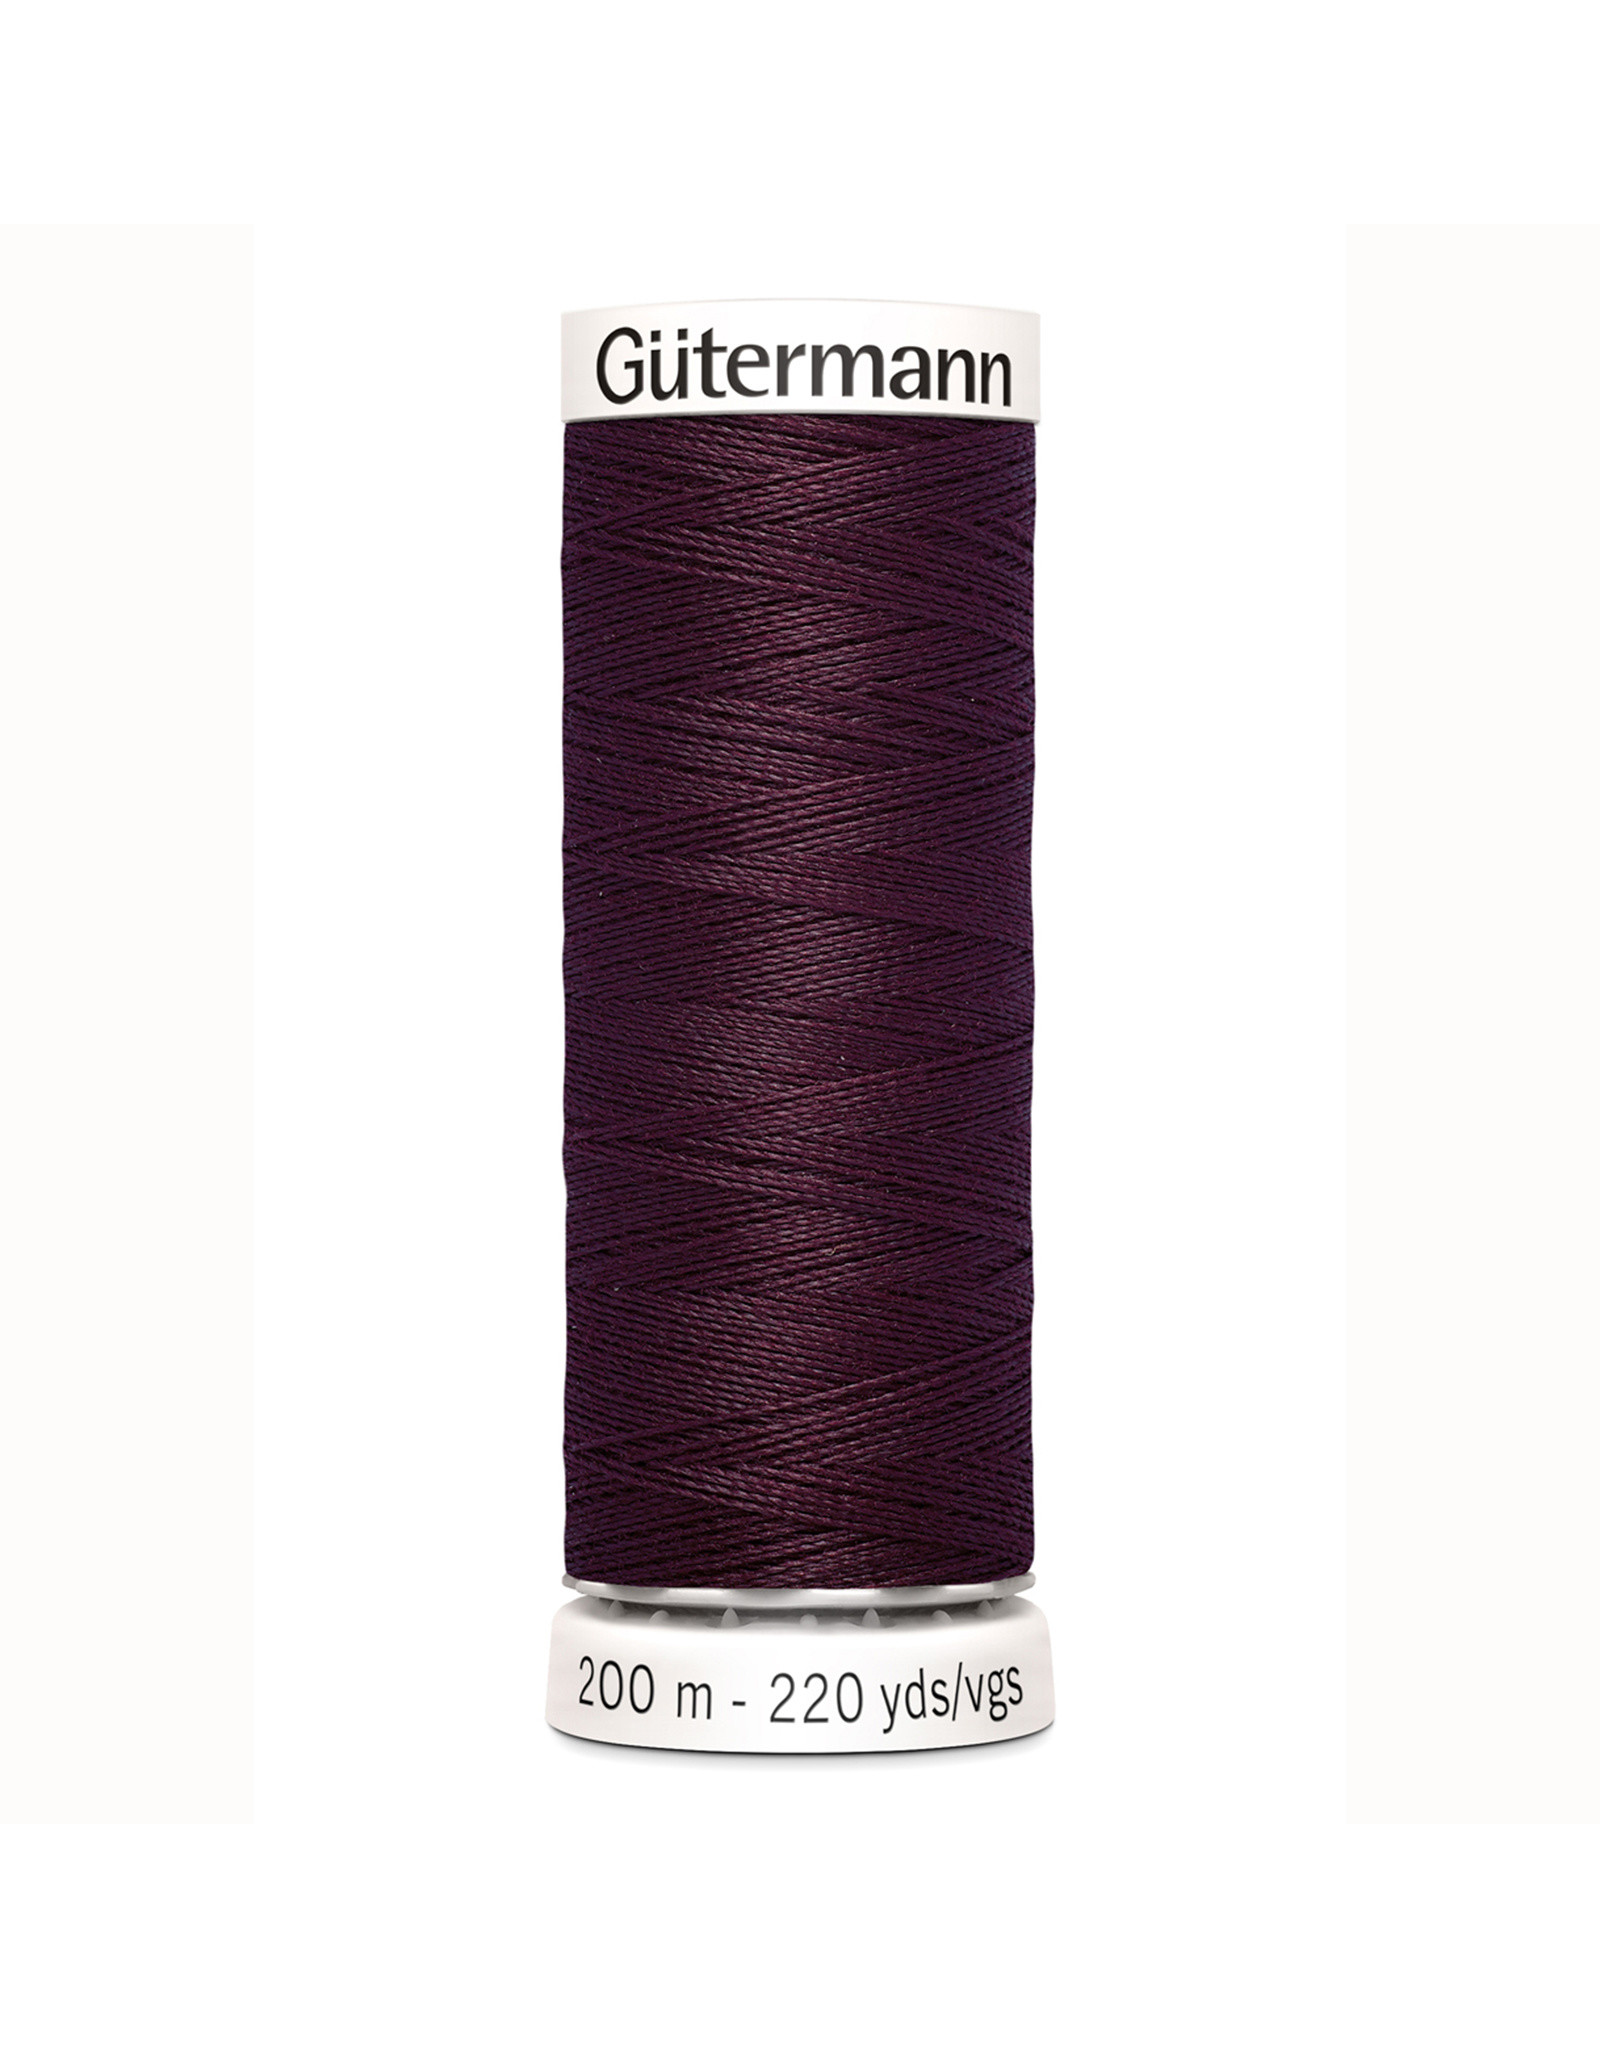 Gütermann Gütermann Sewing Thread 200 m - nr 130